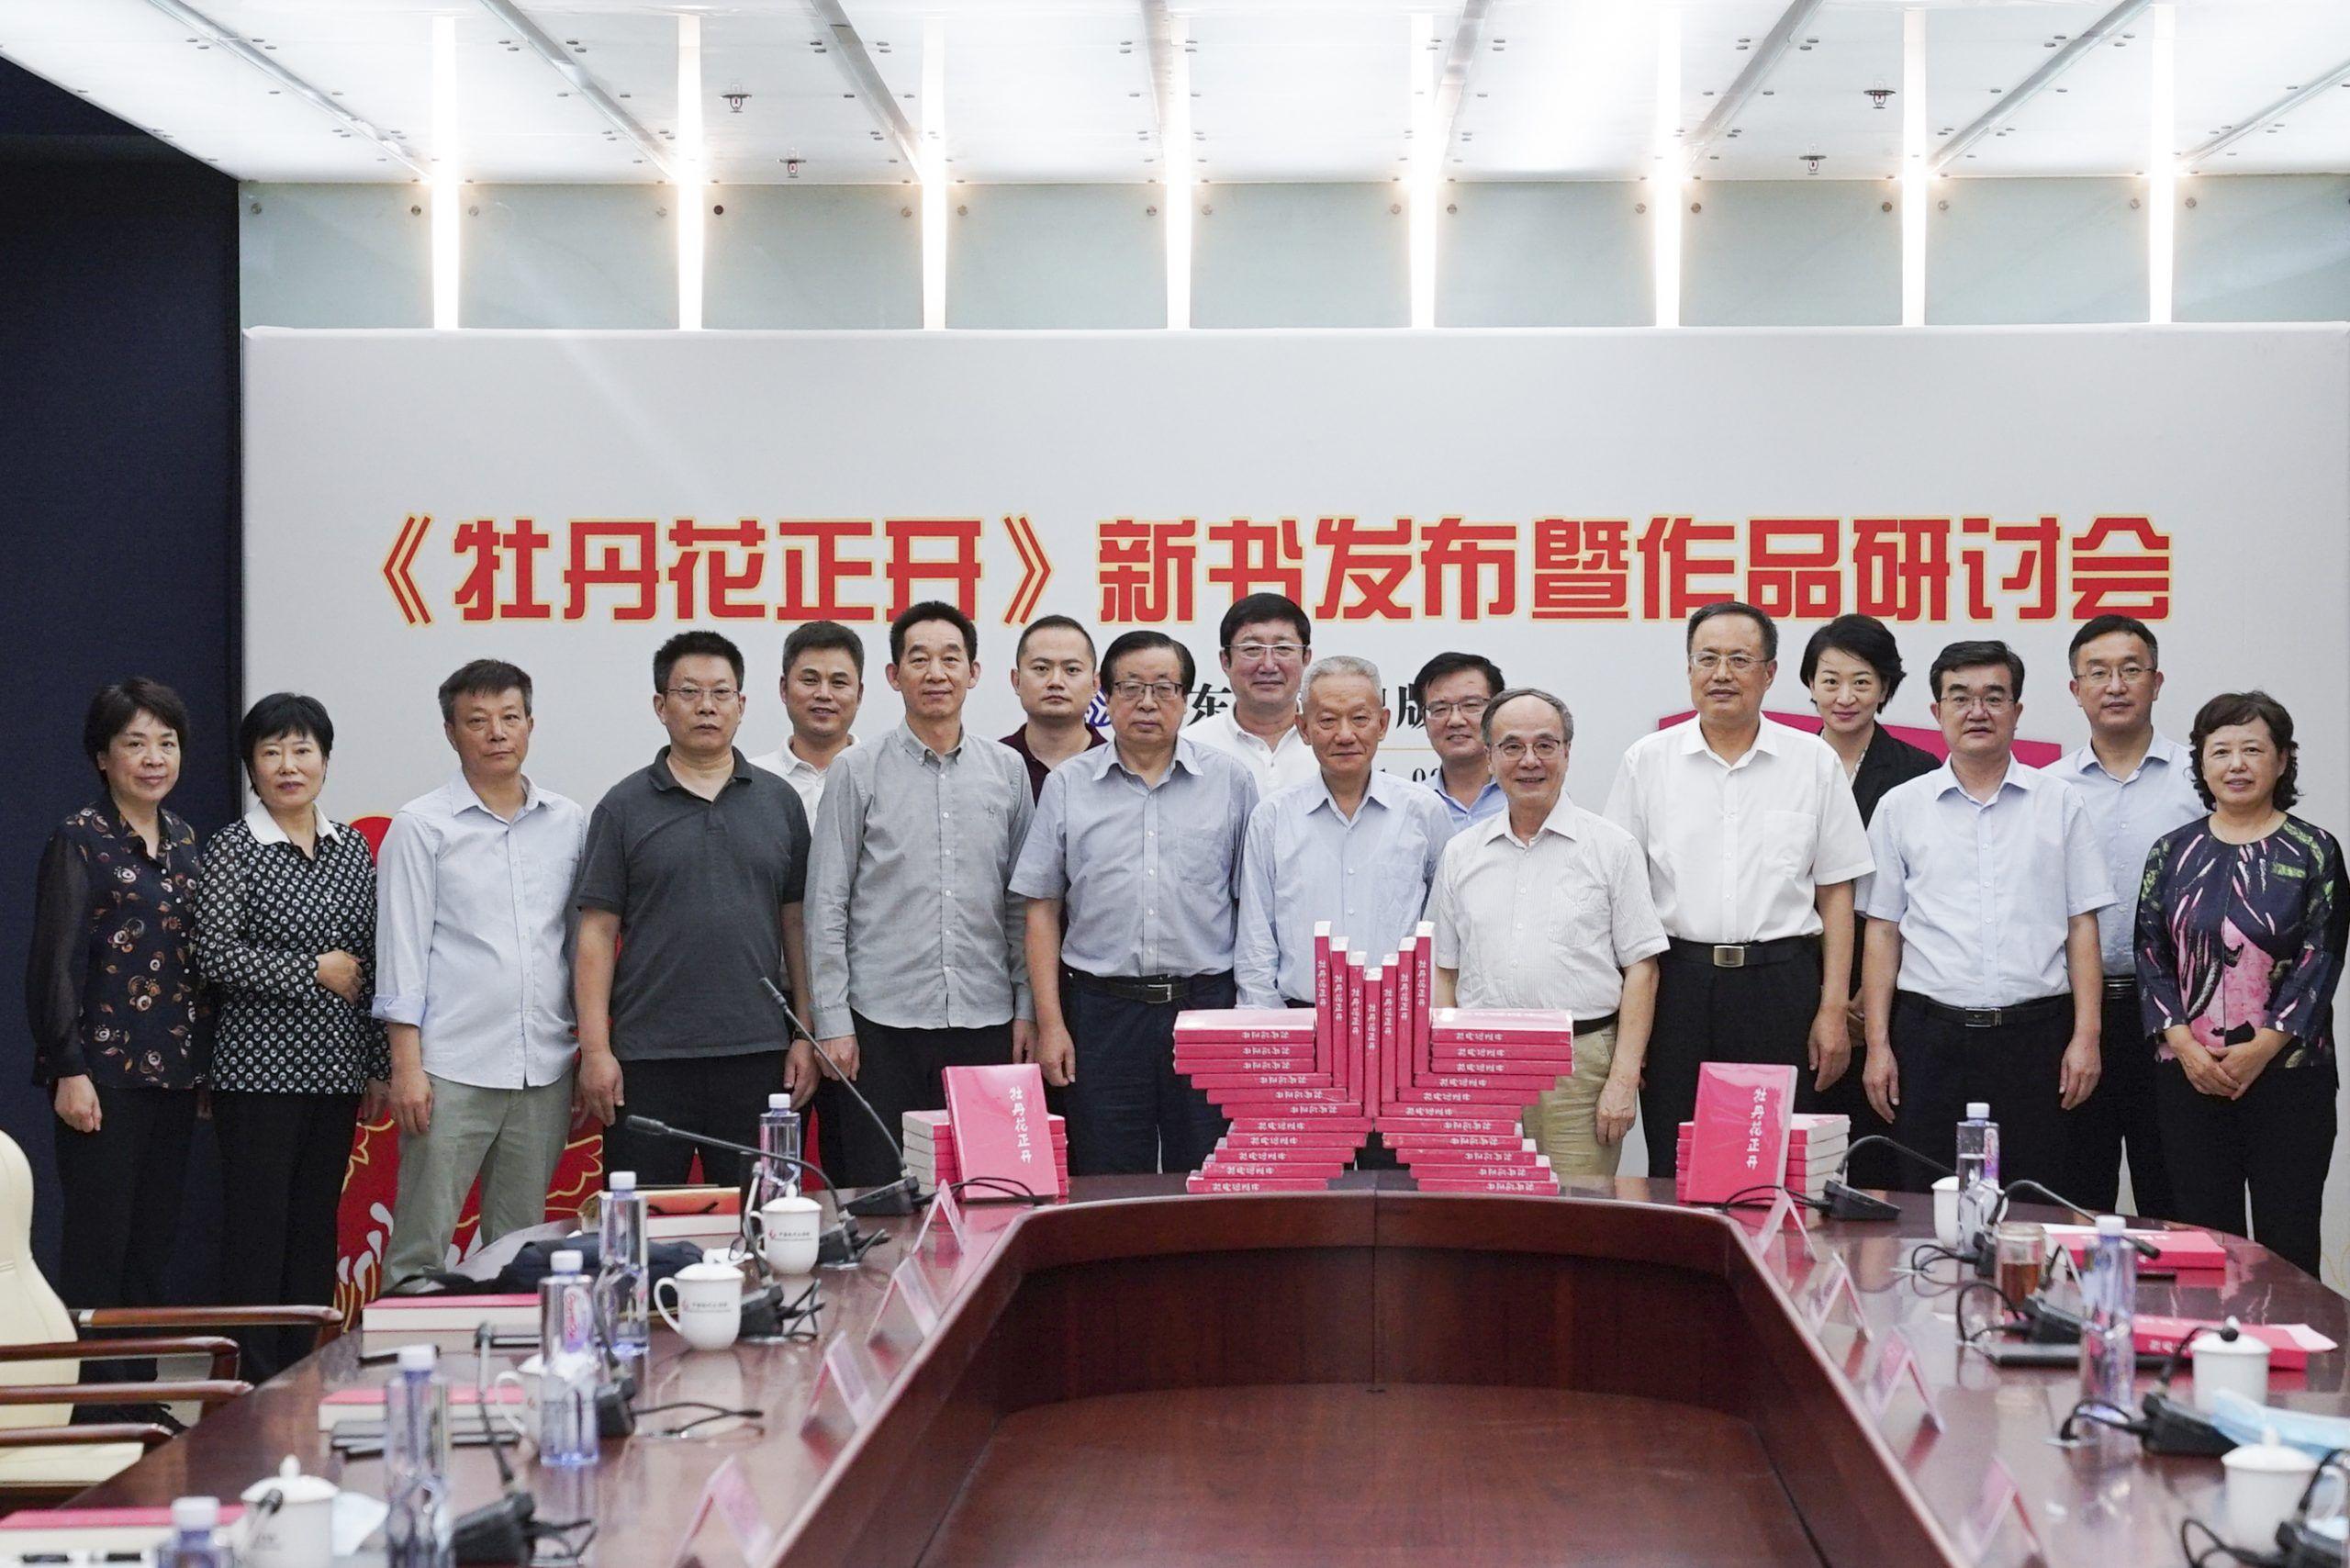 红色长篇小说《牡丹花正开》新书发布暨作品研讨会在北京召开